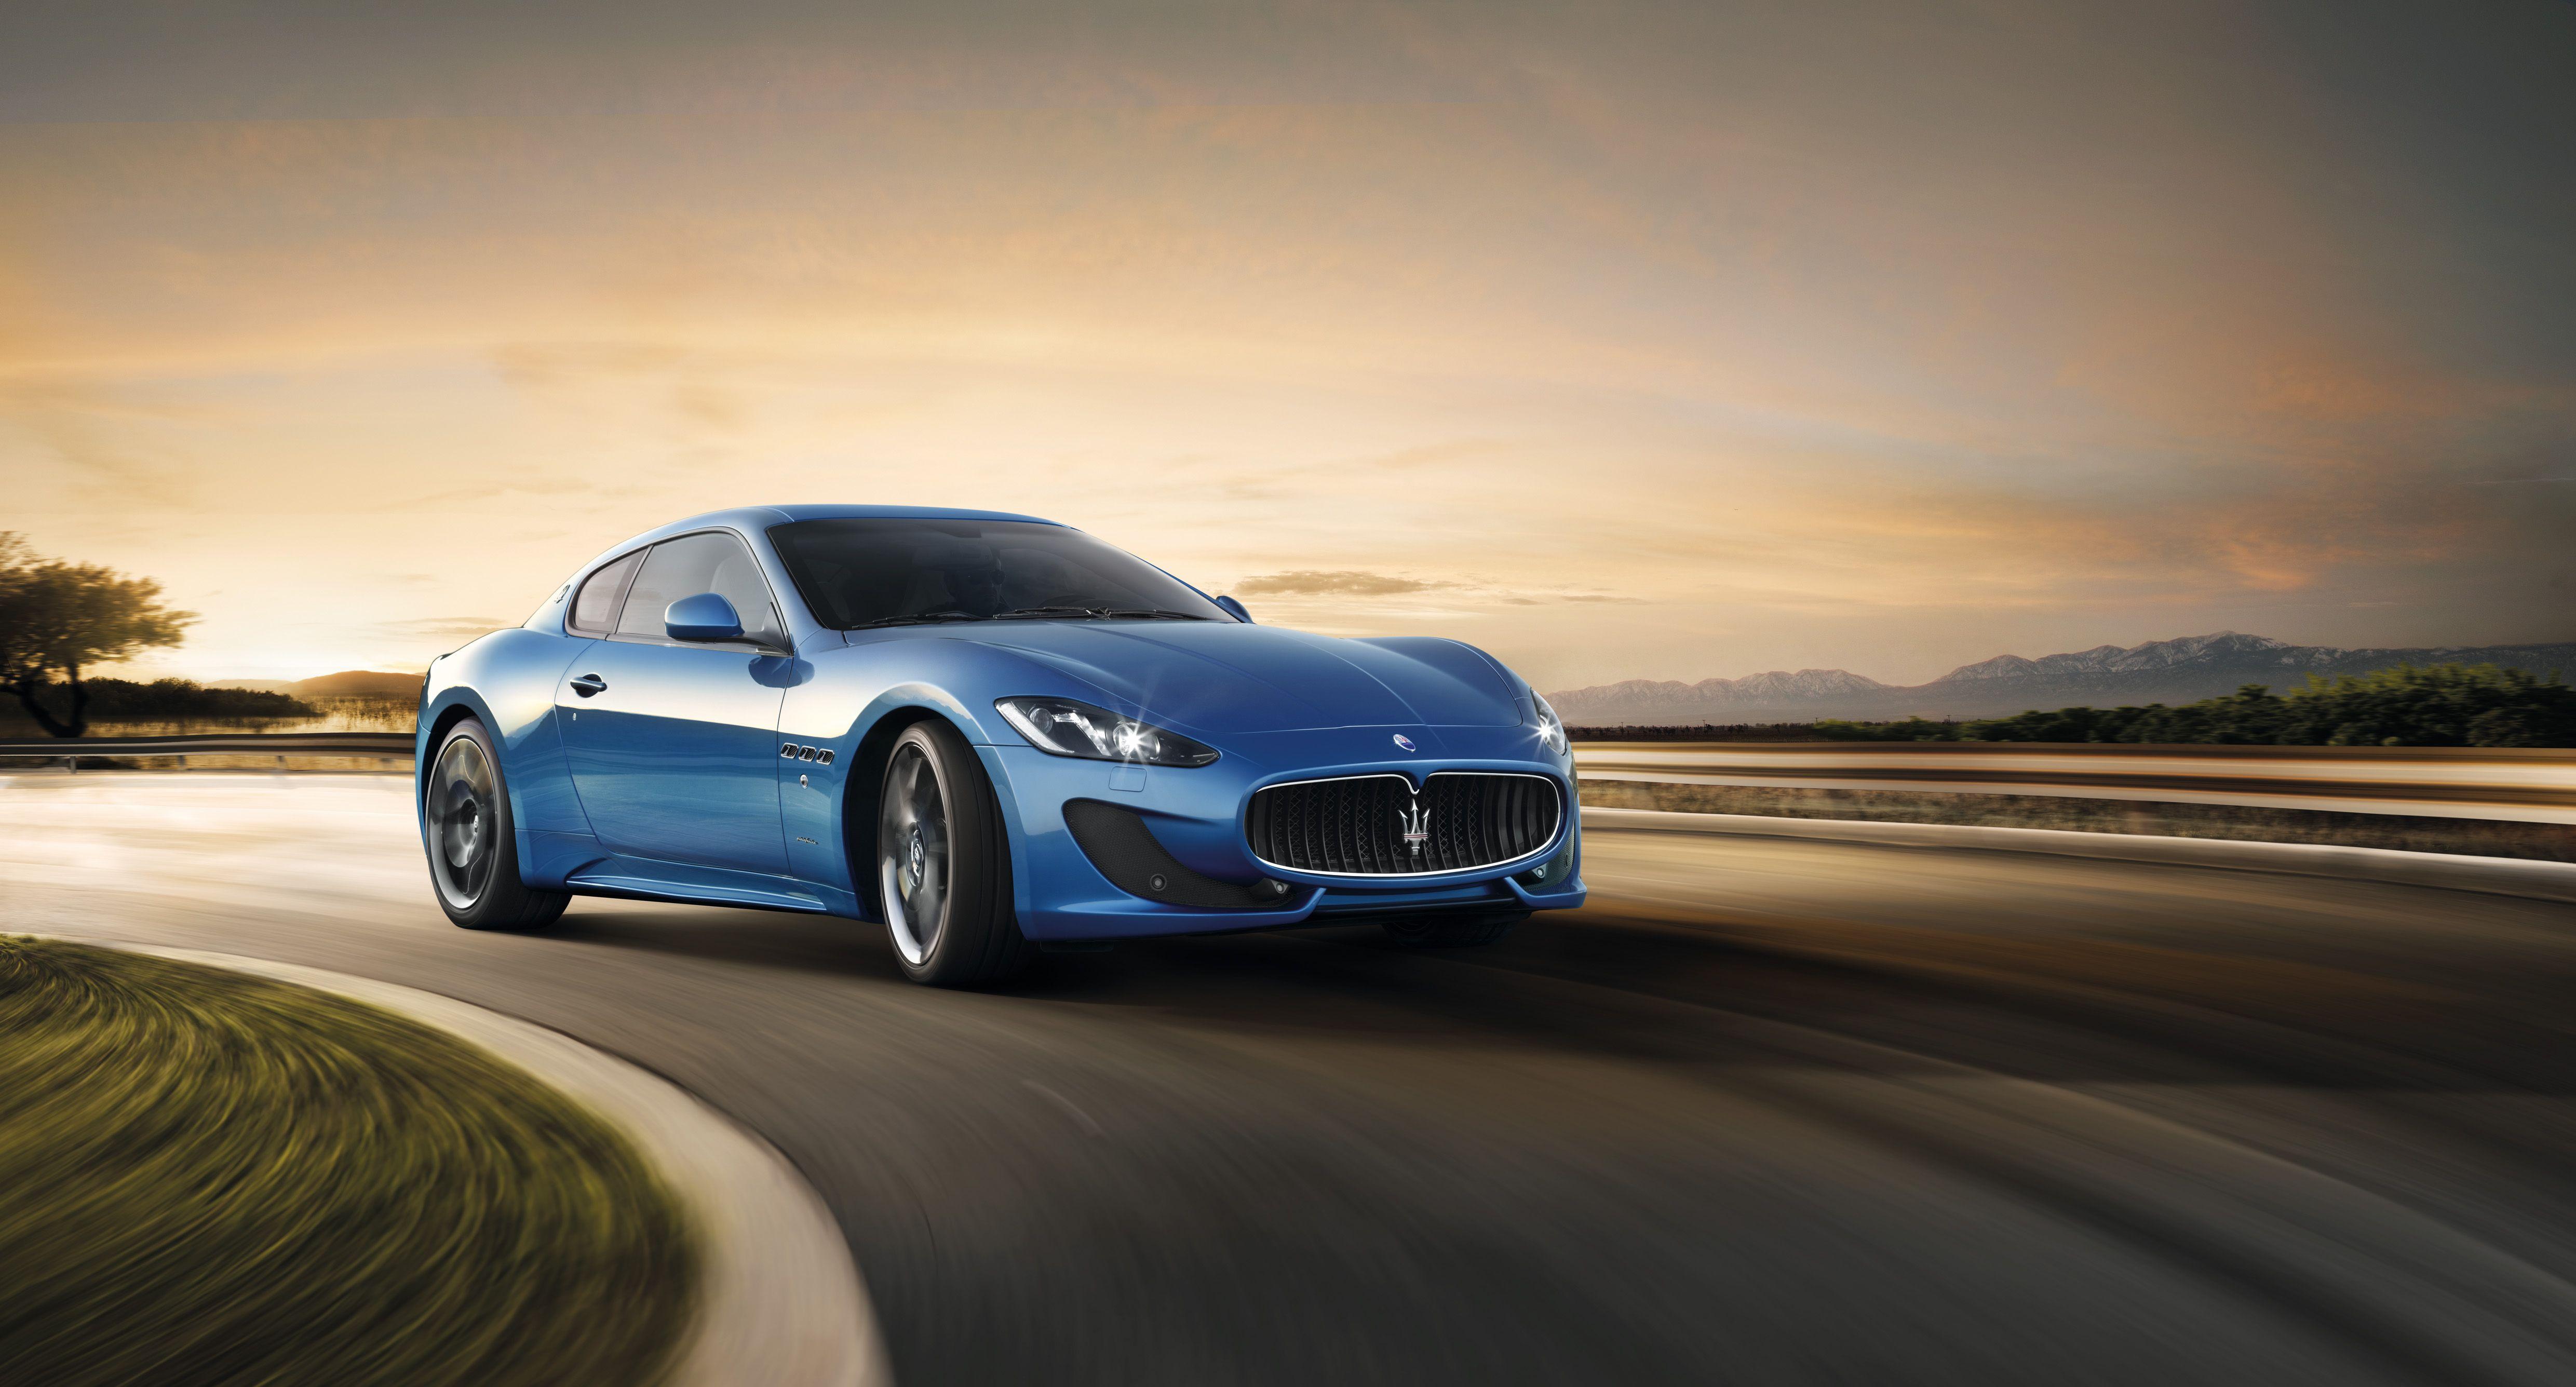 Maserati Granturismo Sport Maserati Granturismo Maserati